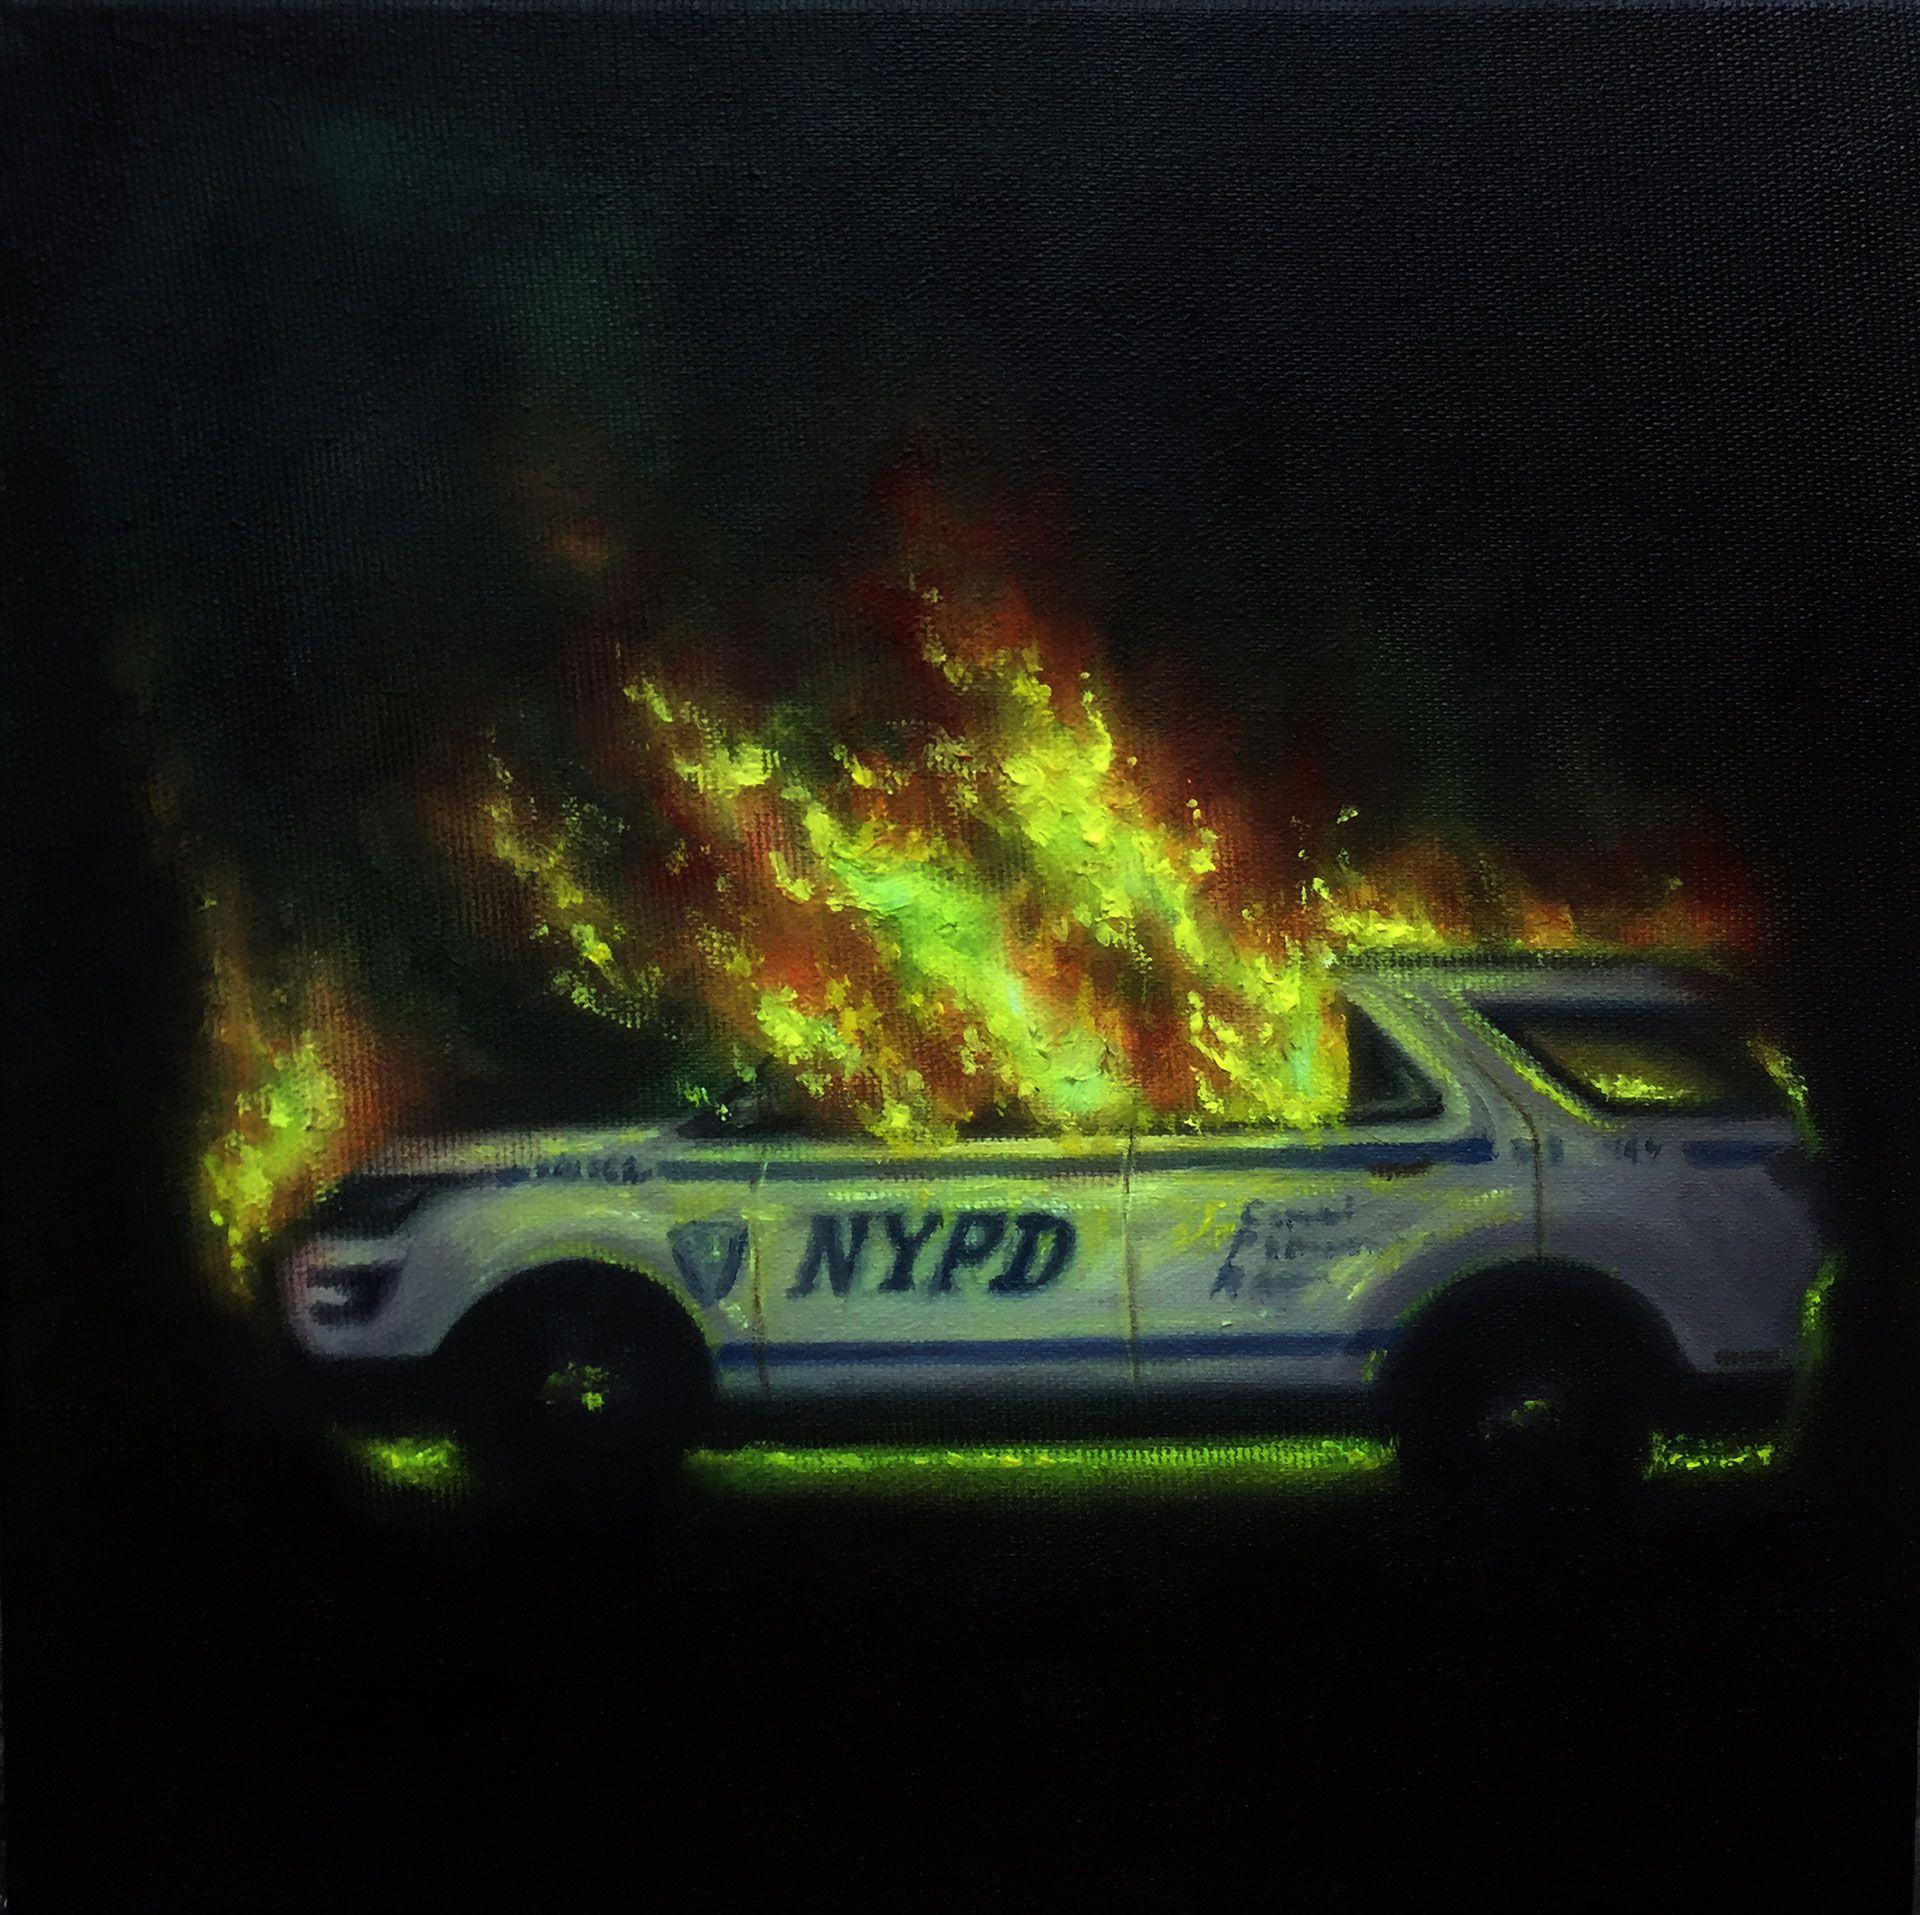 A pintura mostra a imagem de um carro policial incendiado, sobre fundo preto a luz emana do fogo, o carro é de cor azul e branco, pode se ler as siglas NYPD na porta do carro, a pintura faz alusão às manifestações e protestos populares em diversos lugares do mundo.